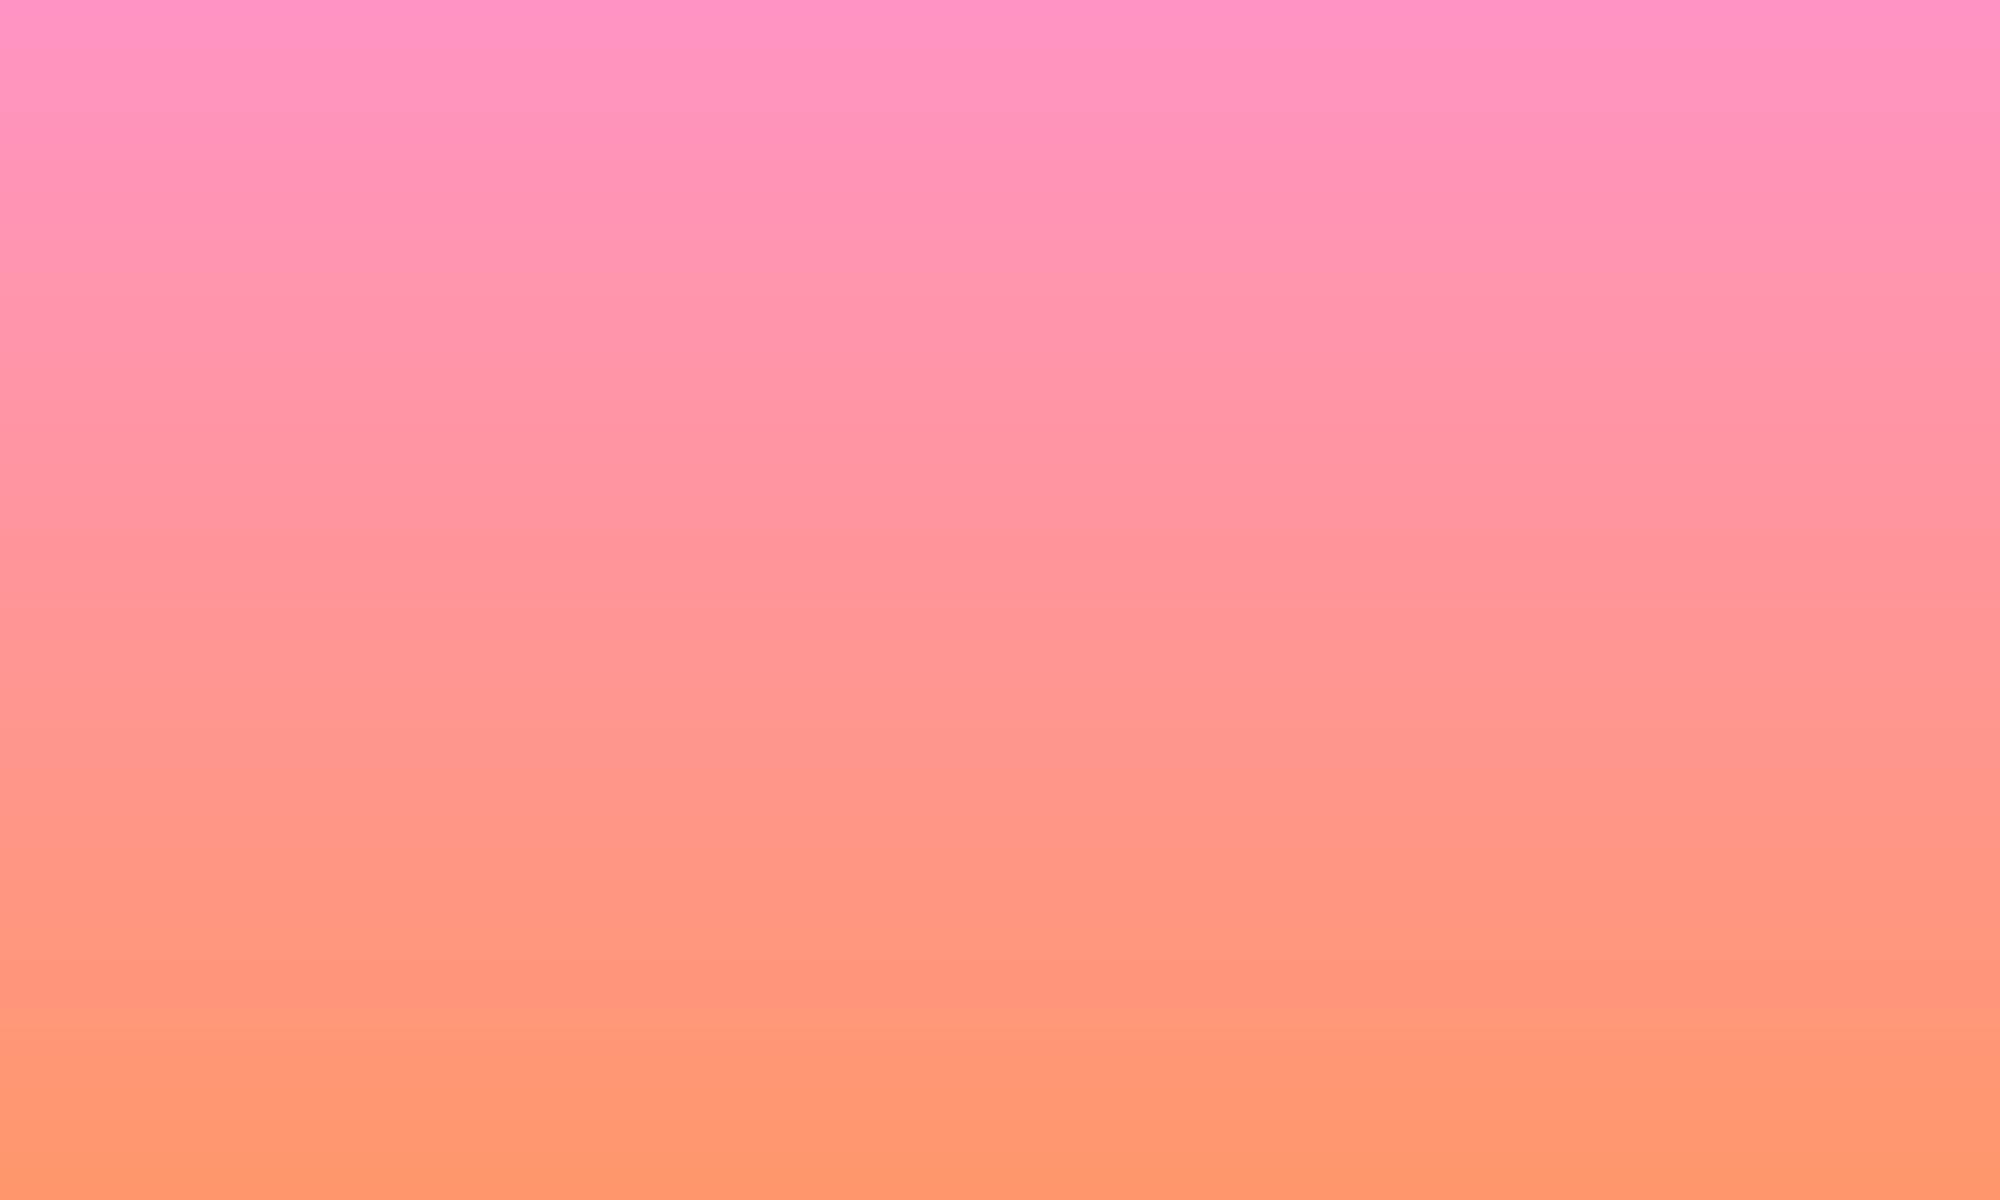 gradient-joy